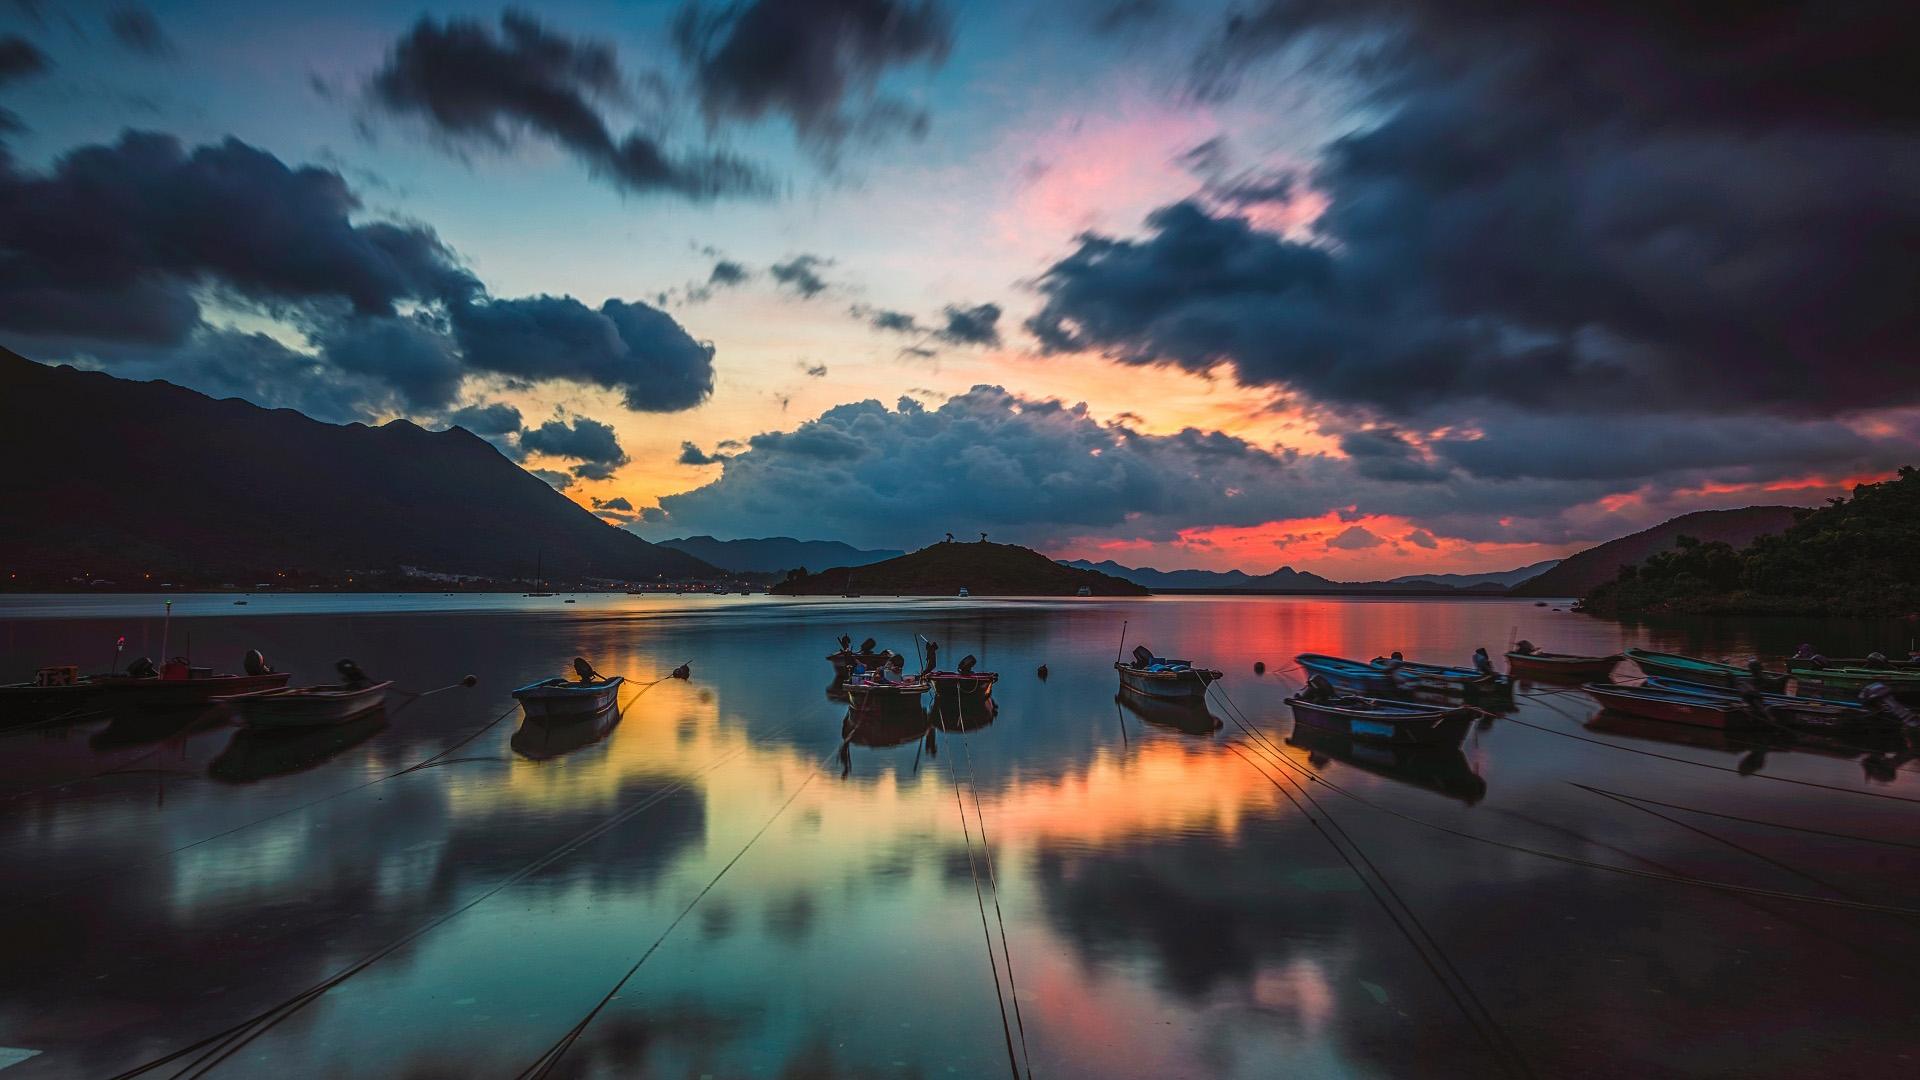 风景大片,落日余晖,晚霞,渔船,红霞,倒影